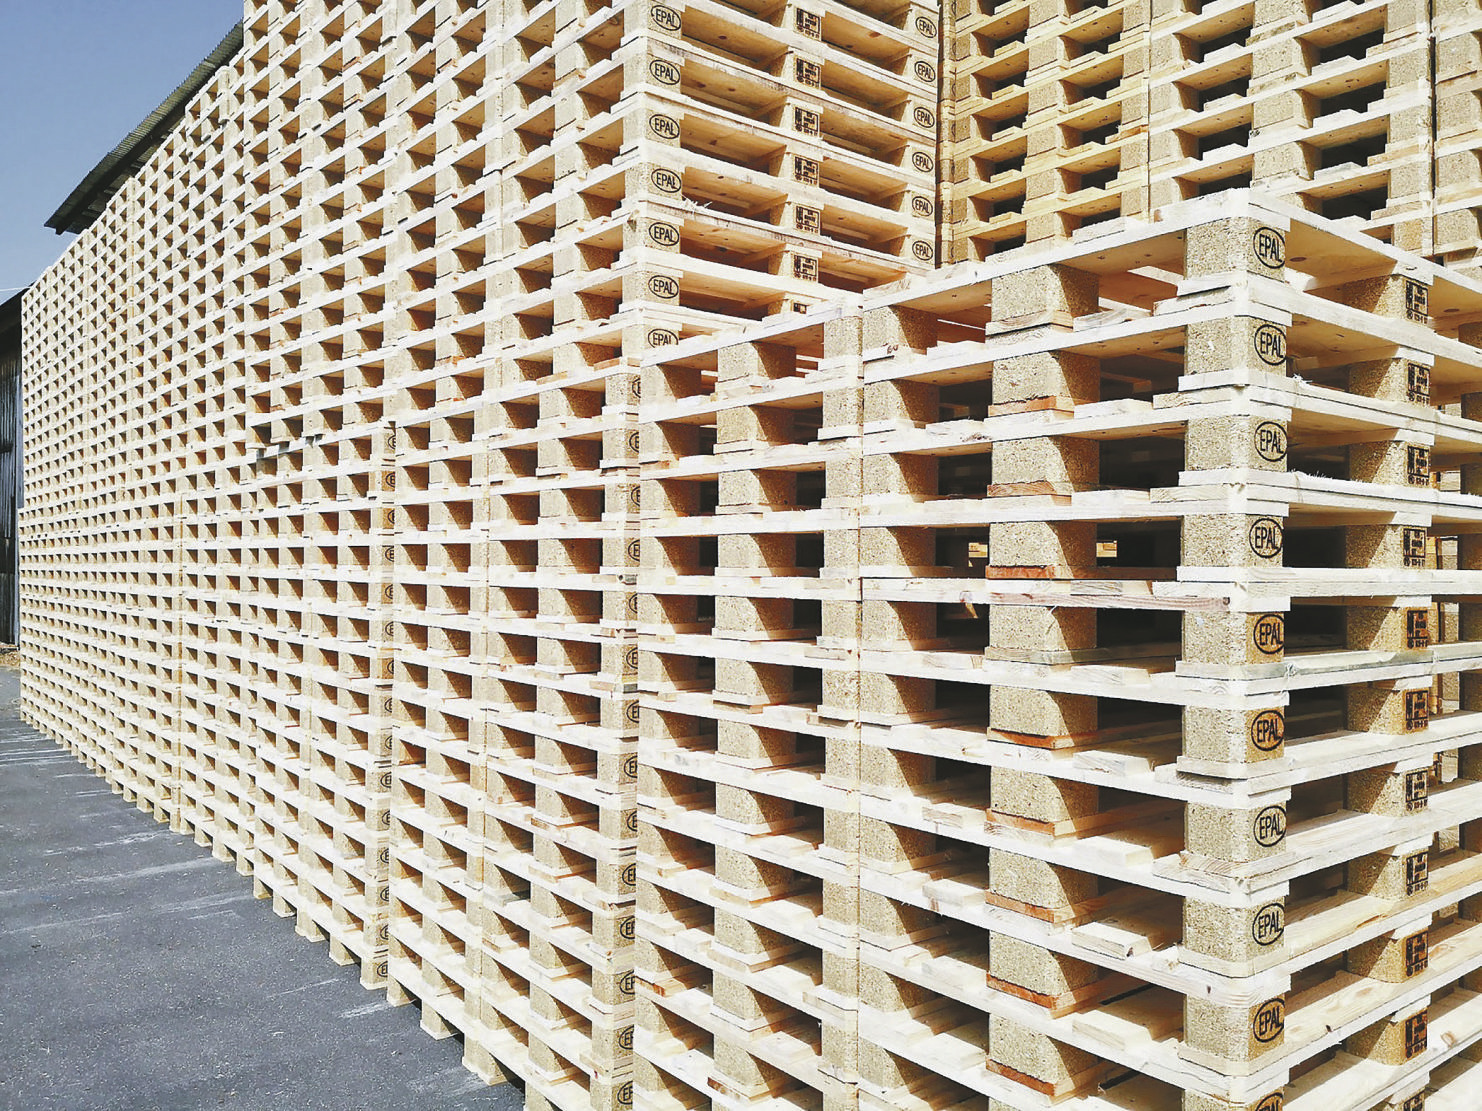 Auch in Einsiedeln wird das Holz knapp